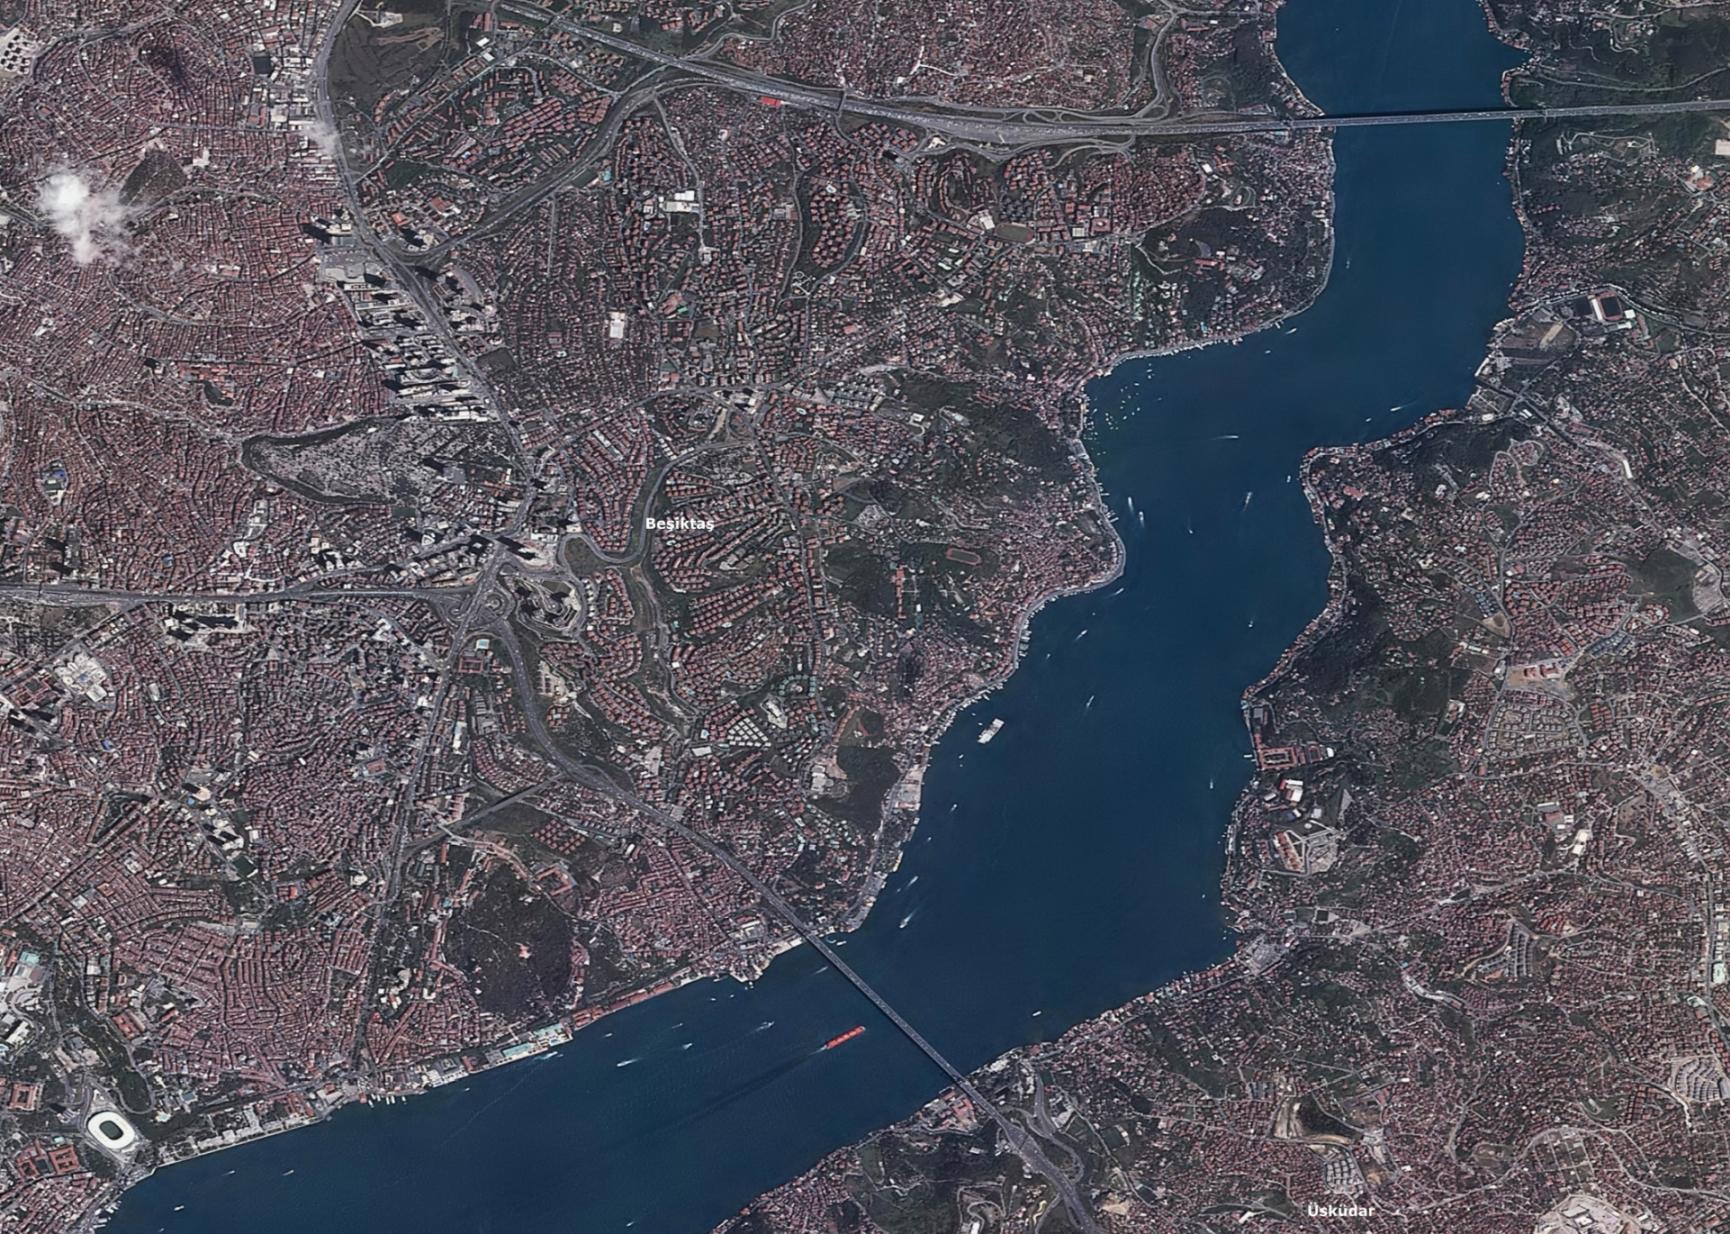 GK2_IstanbulMozaik_12k